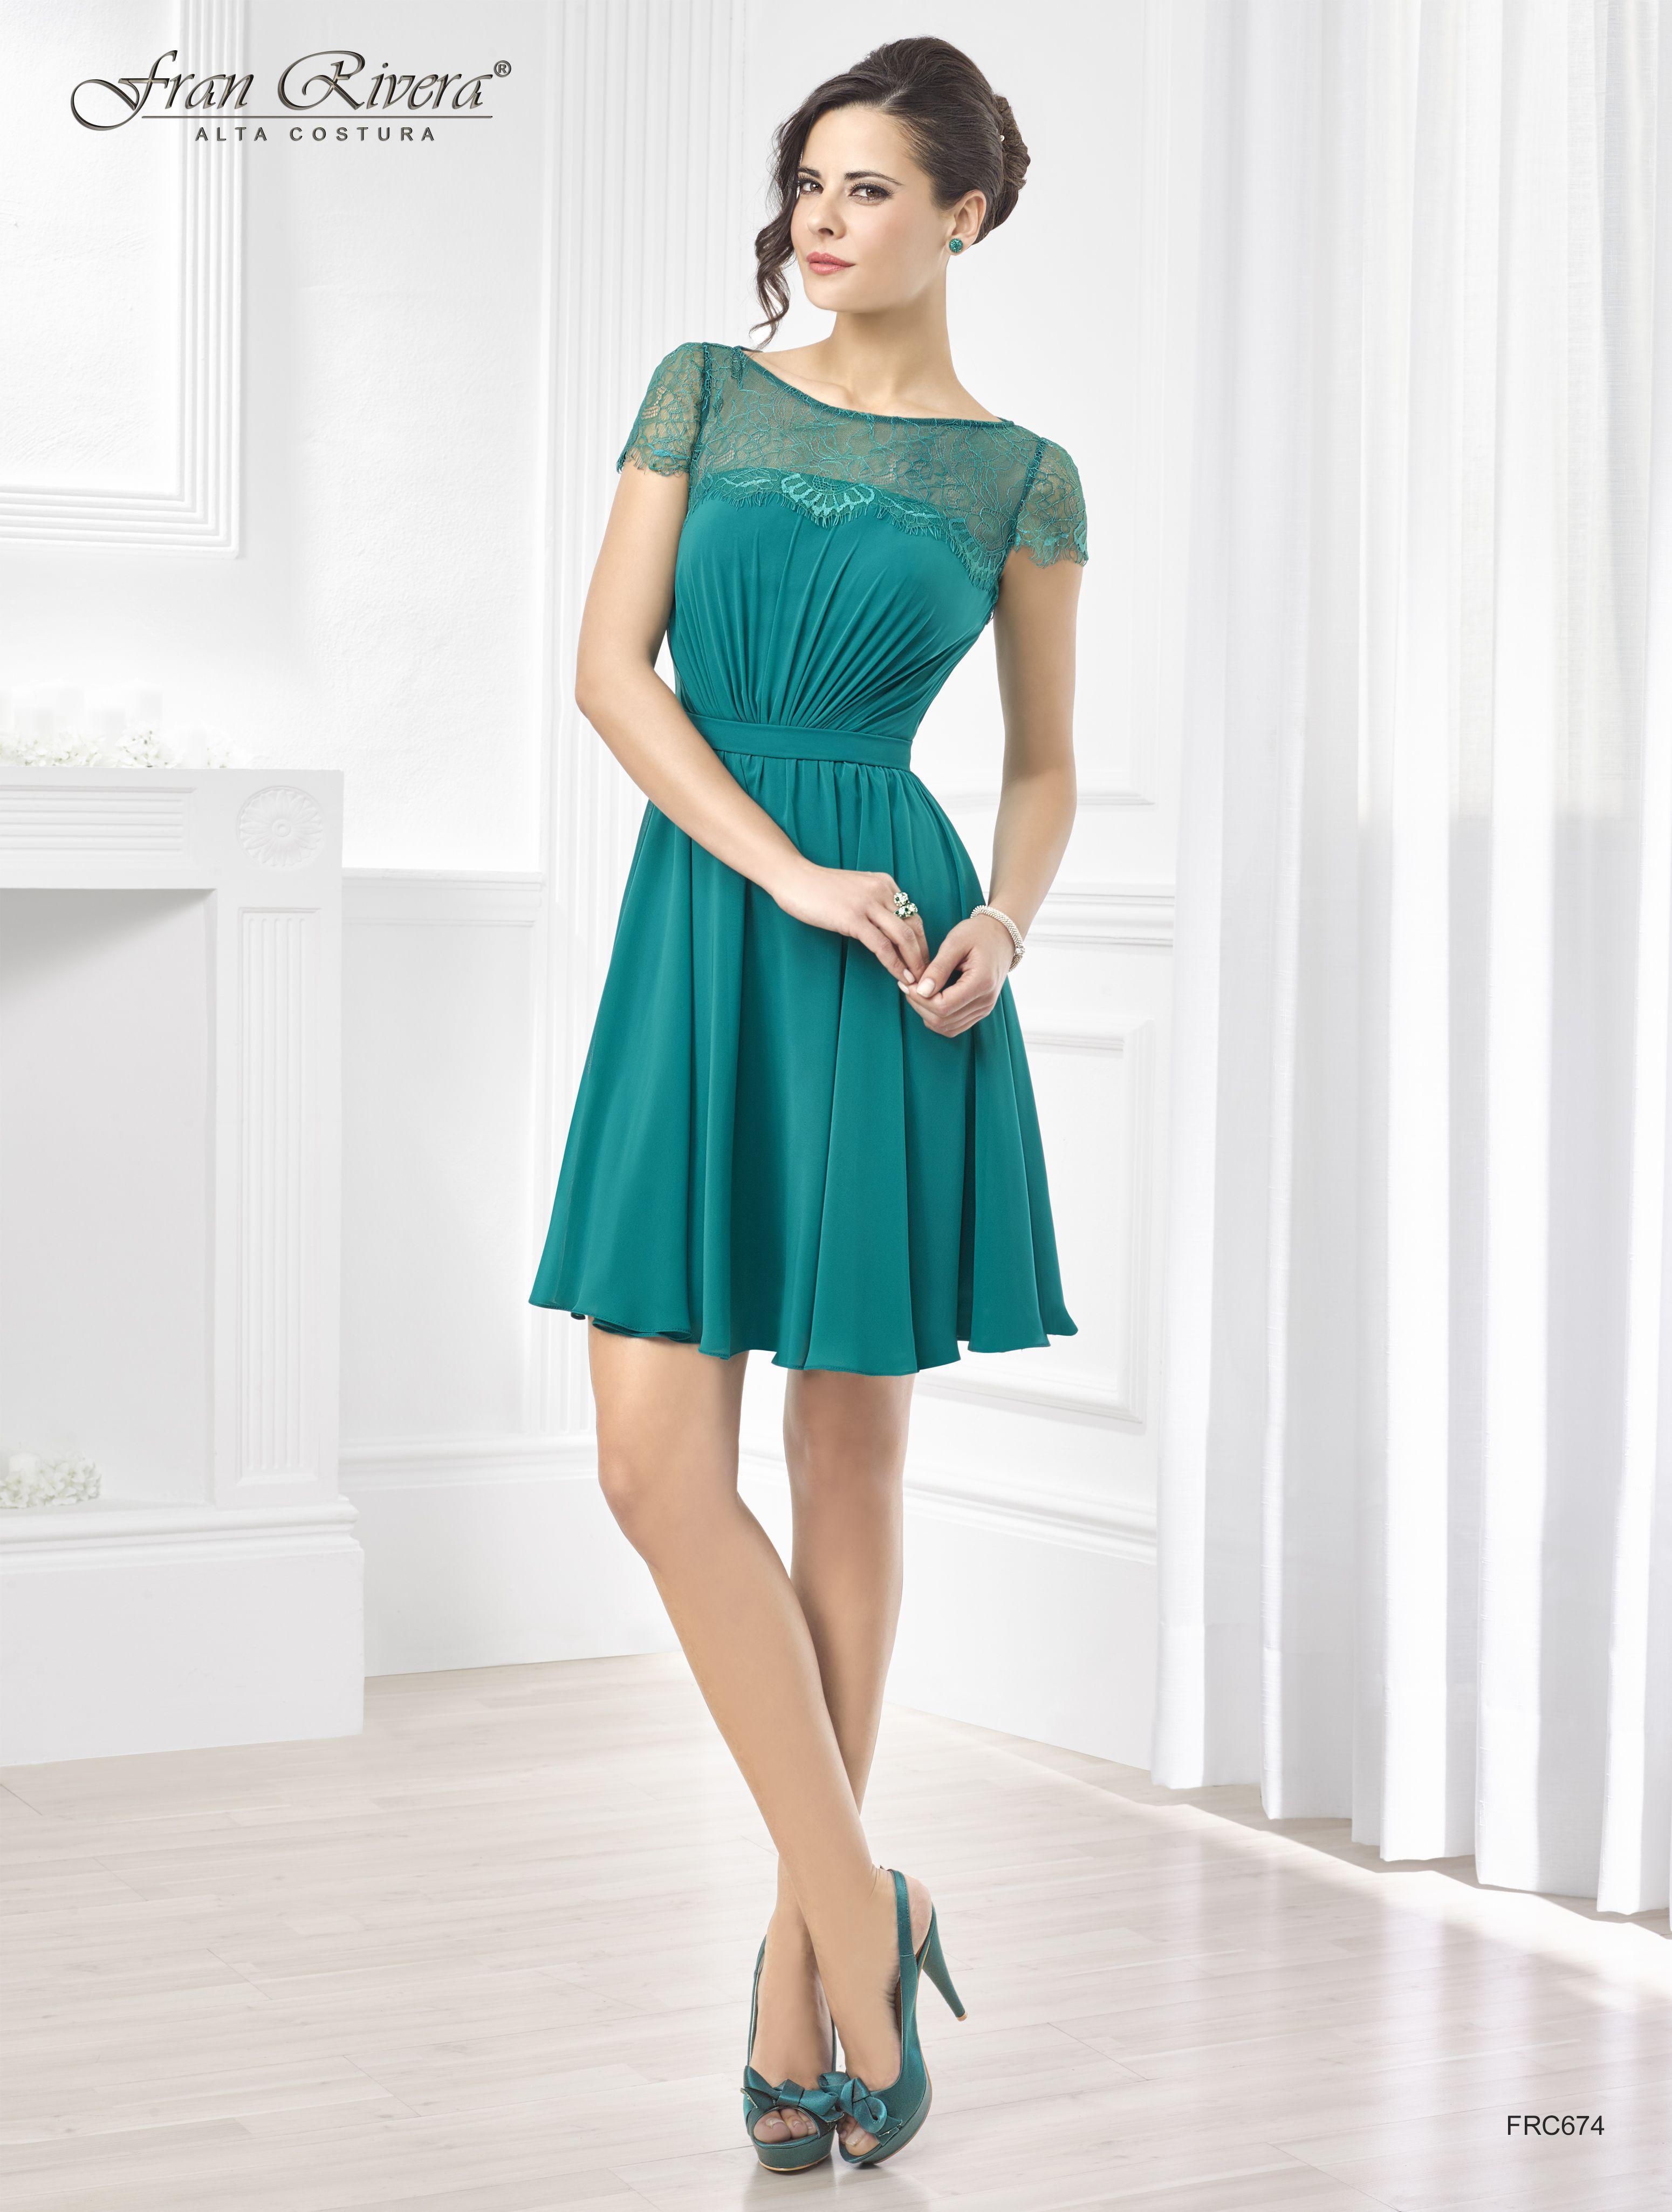 Vestido corto de fiesta verde con manga corta y encaje | Fran Rivera ...